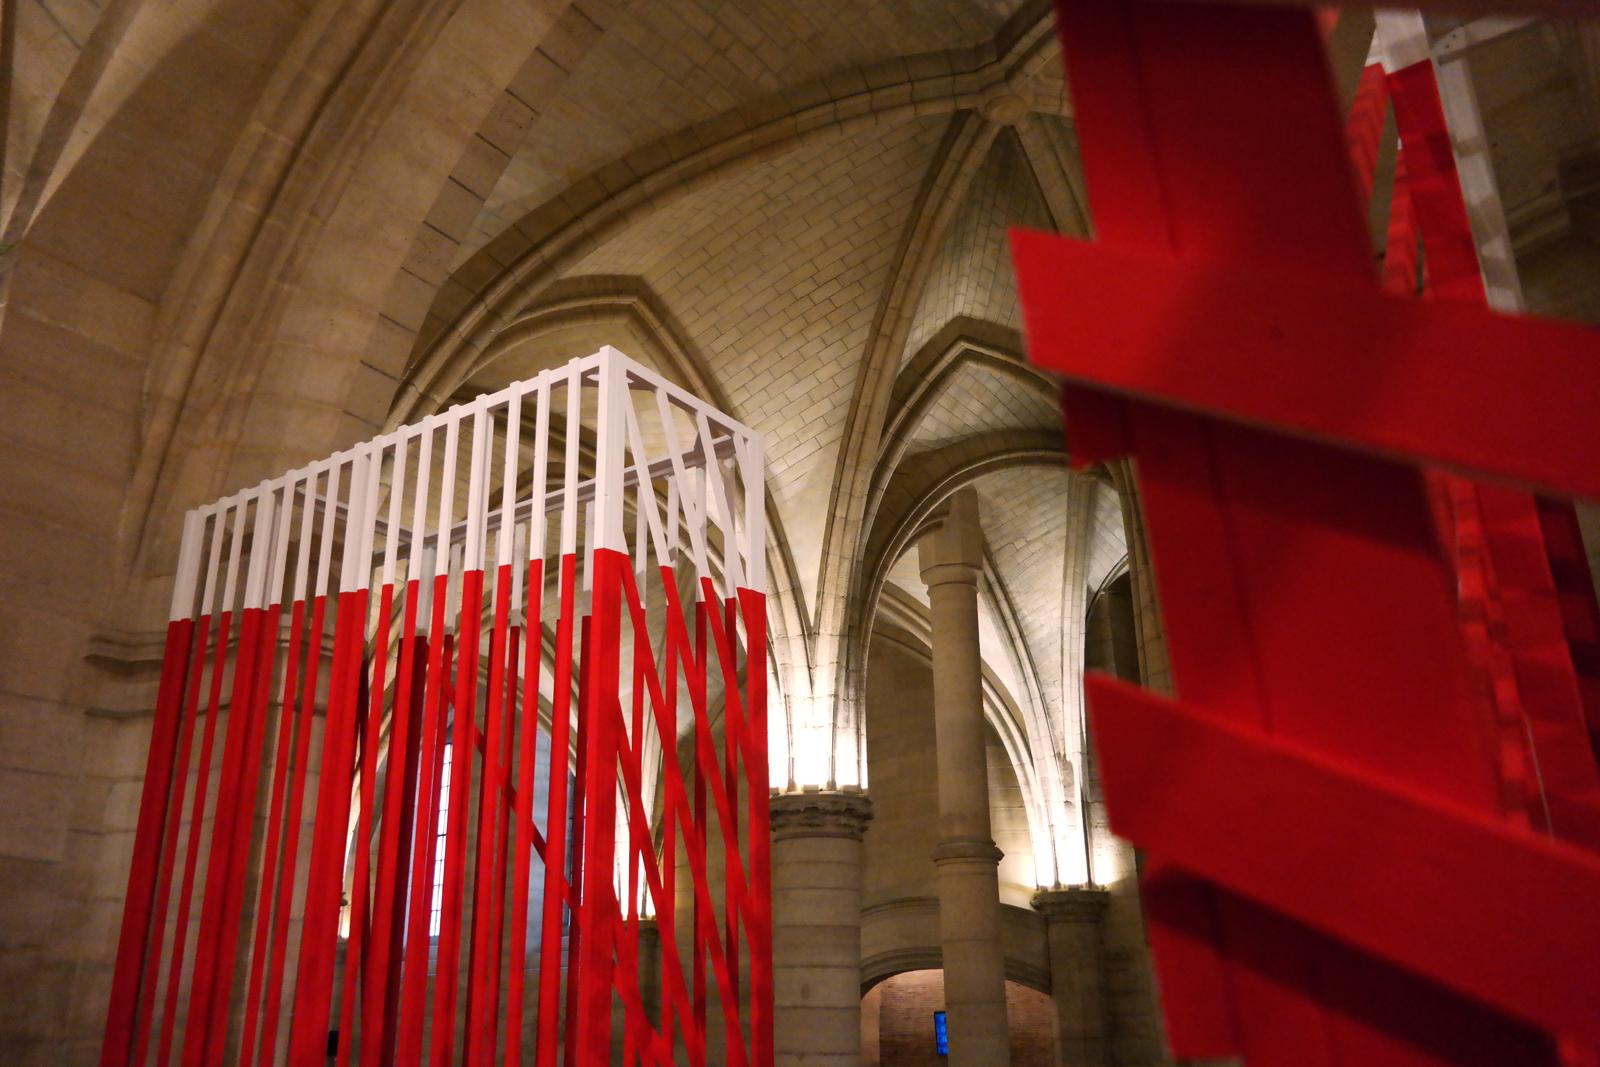 Paravents détails et voûtes installation de l artiste photographe plasticien Georges Rousse à la Conciergerie centre des monuments nationaux photo by united states of paris blog